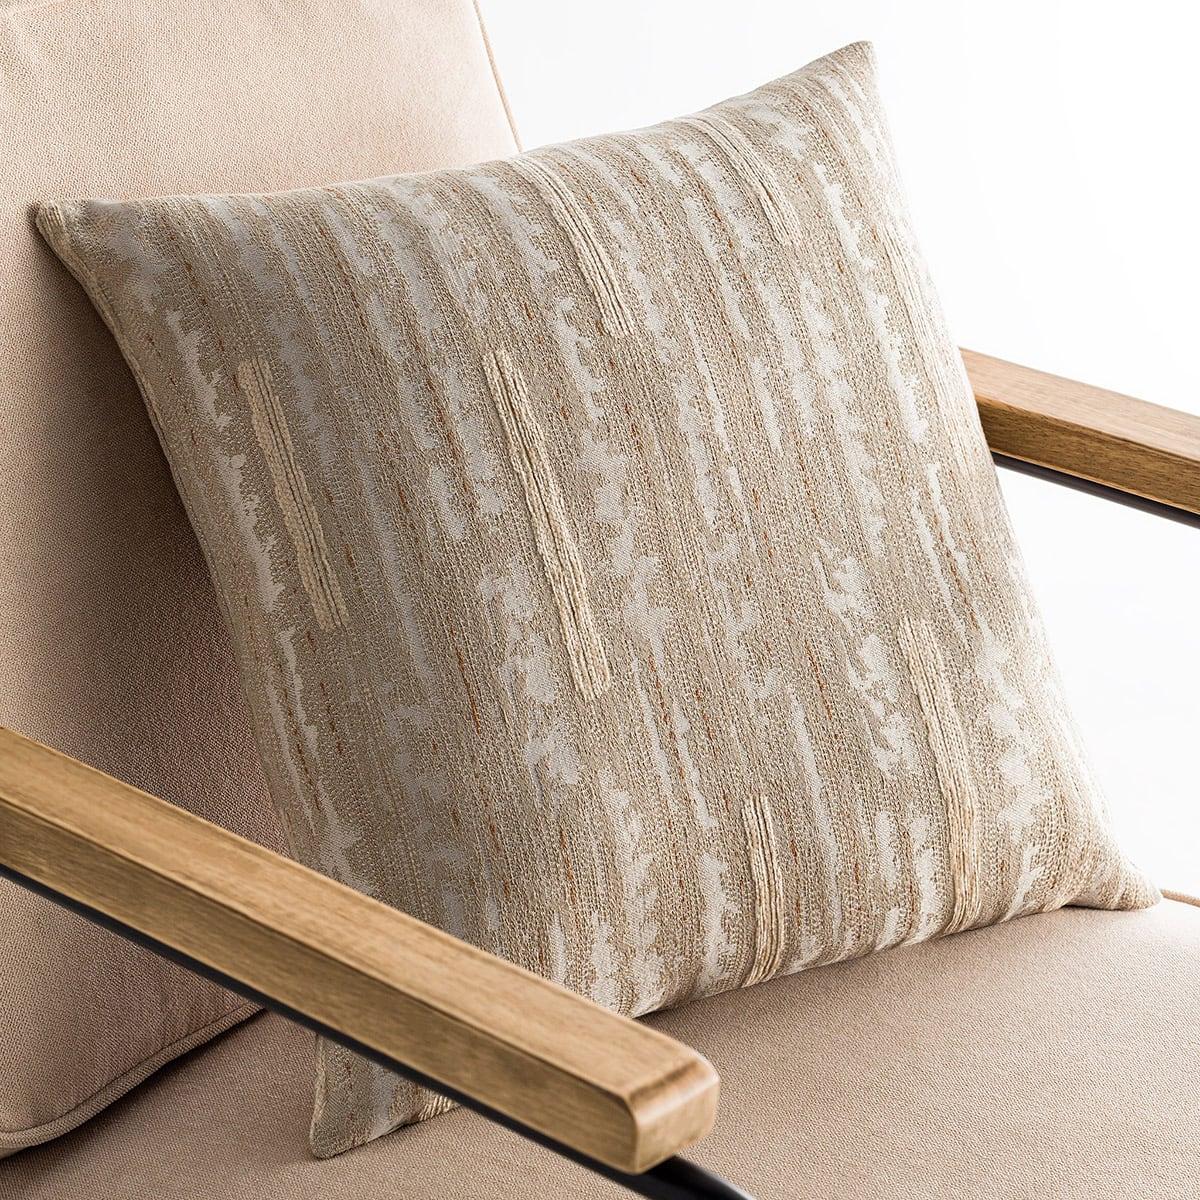 Μαξιλαροθήκη Διακοσμητική Tunizia Beige 289/06 Gofis Home 50X50 Βαμβάκι-Polyester